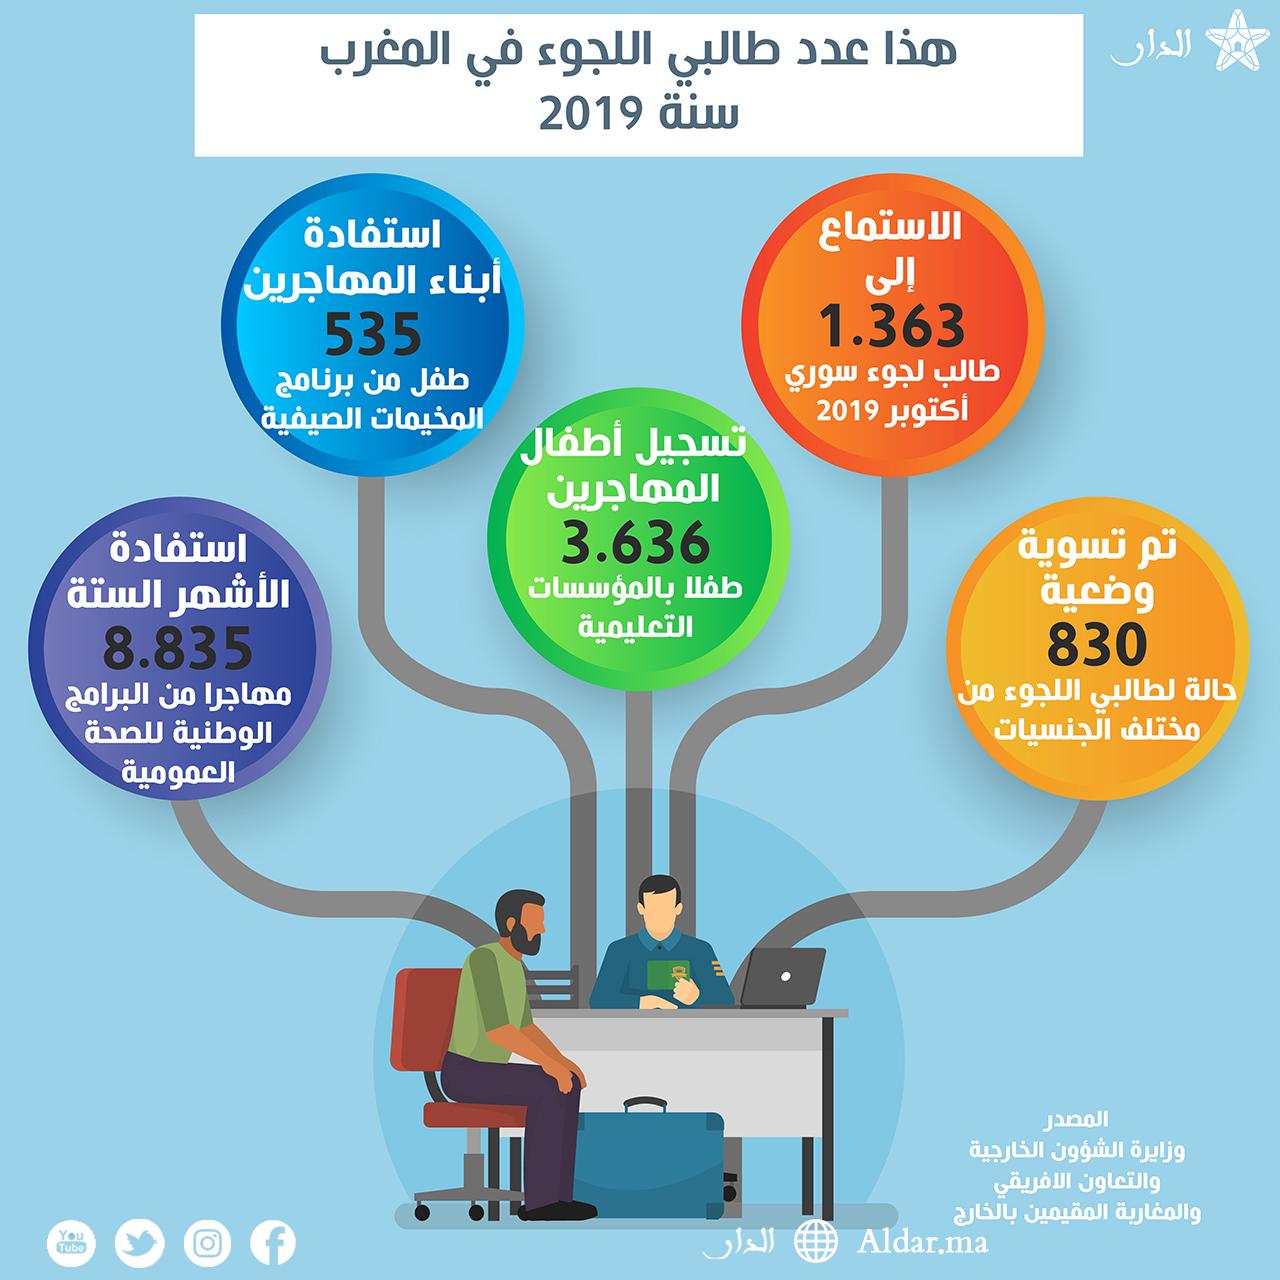 Photo of هذا عدد طالبي اللجوء في المغرب سنة 2019